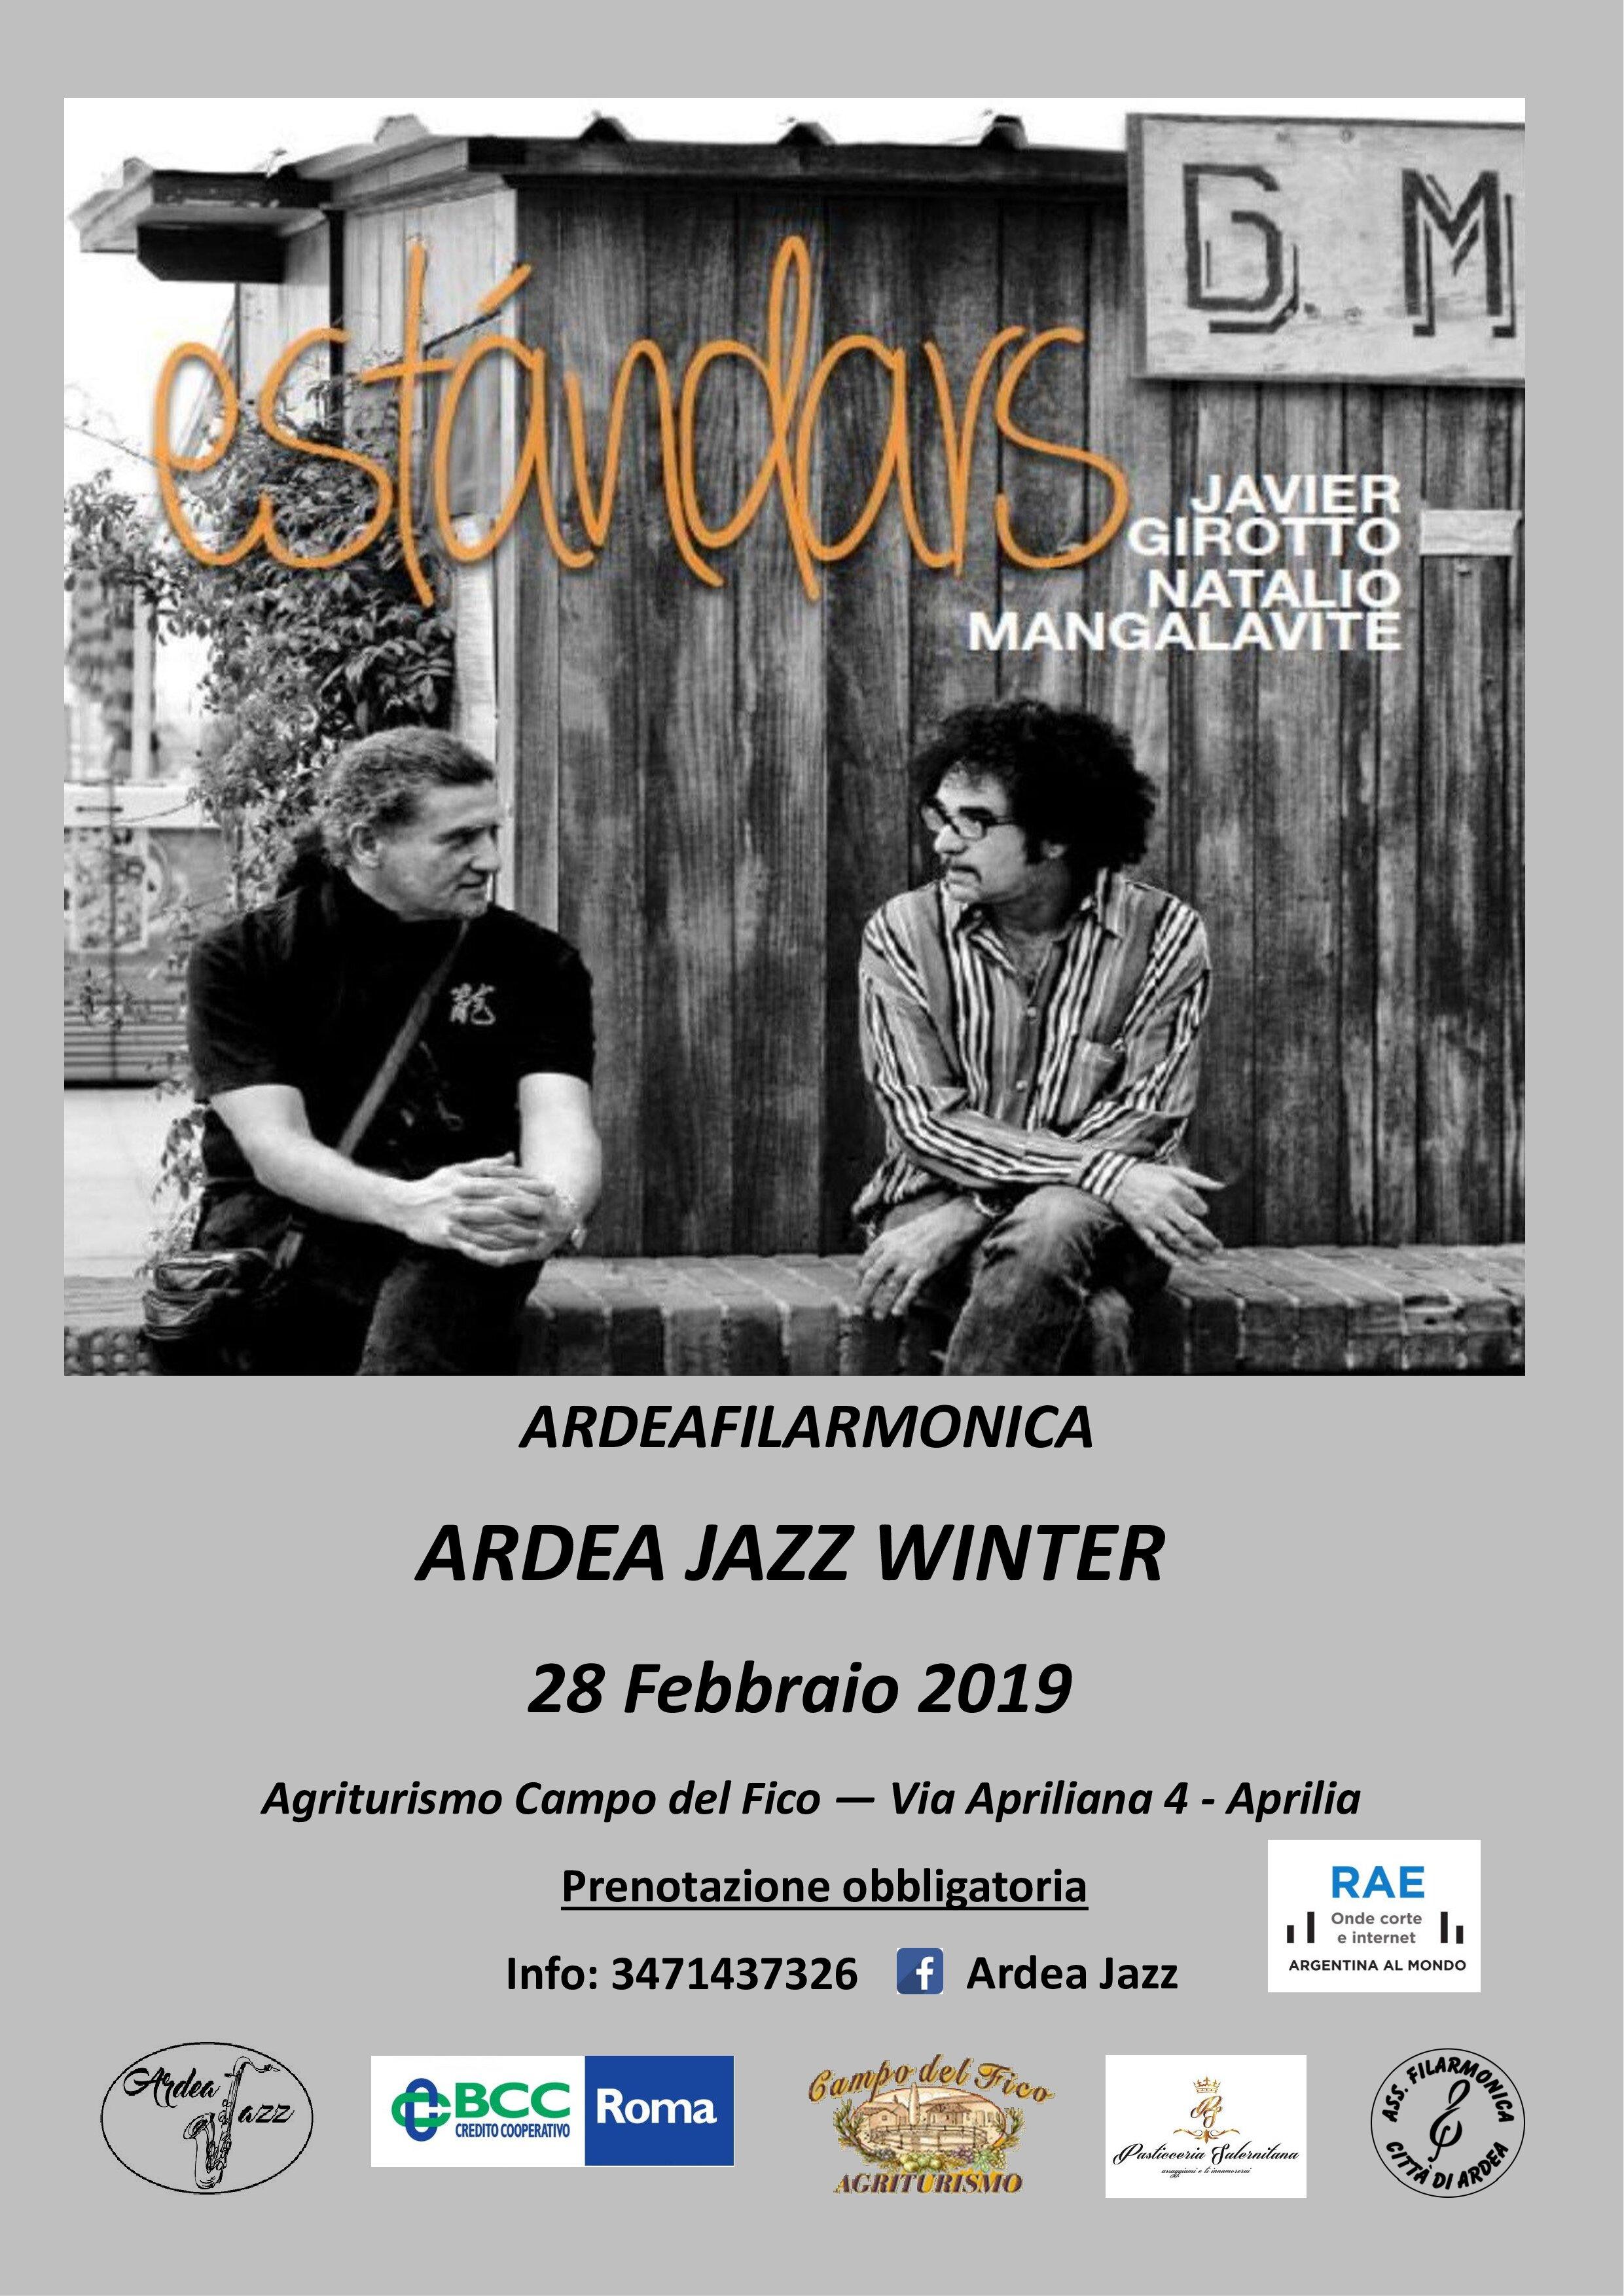 Concerto Ardea Jazz Winter con Javier Girotto